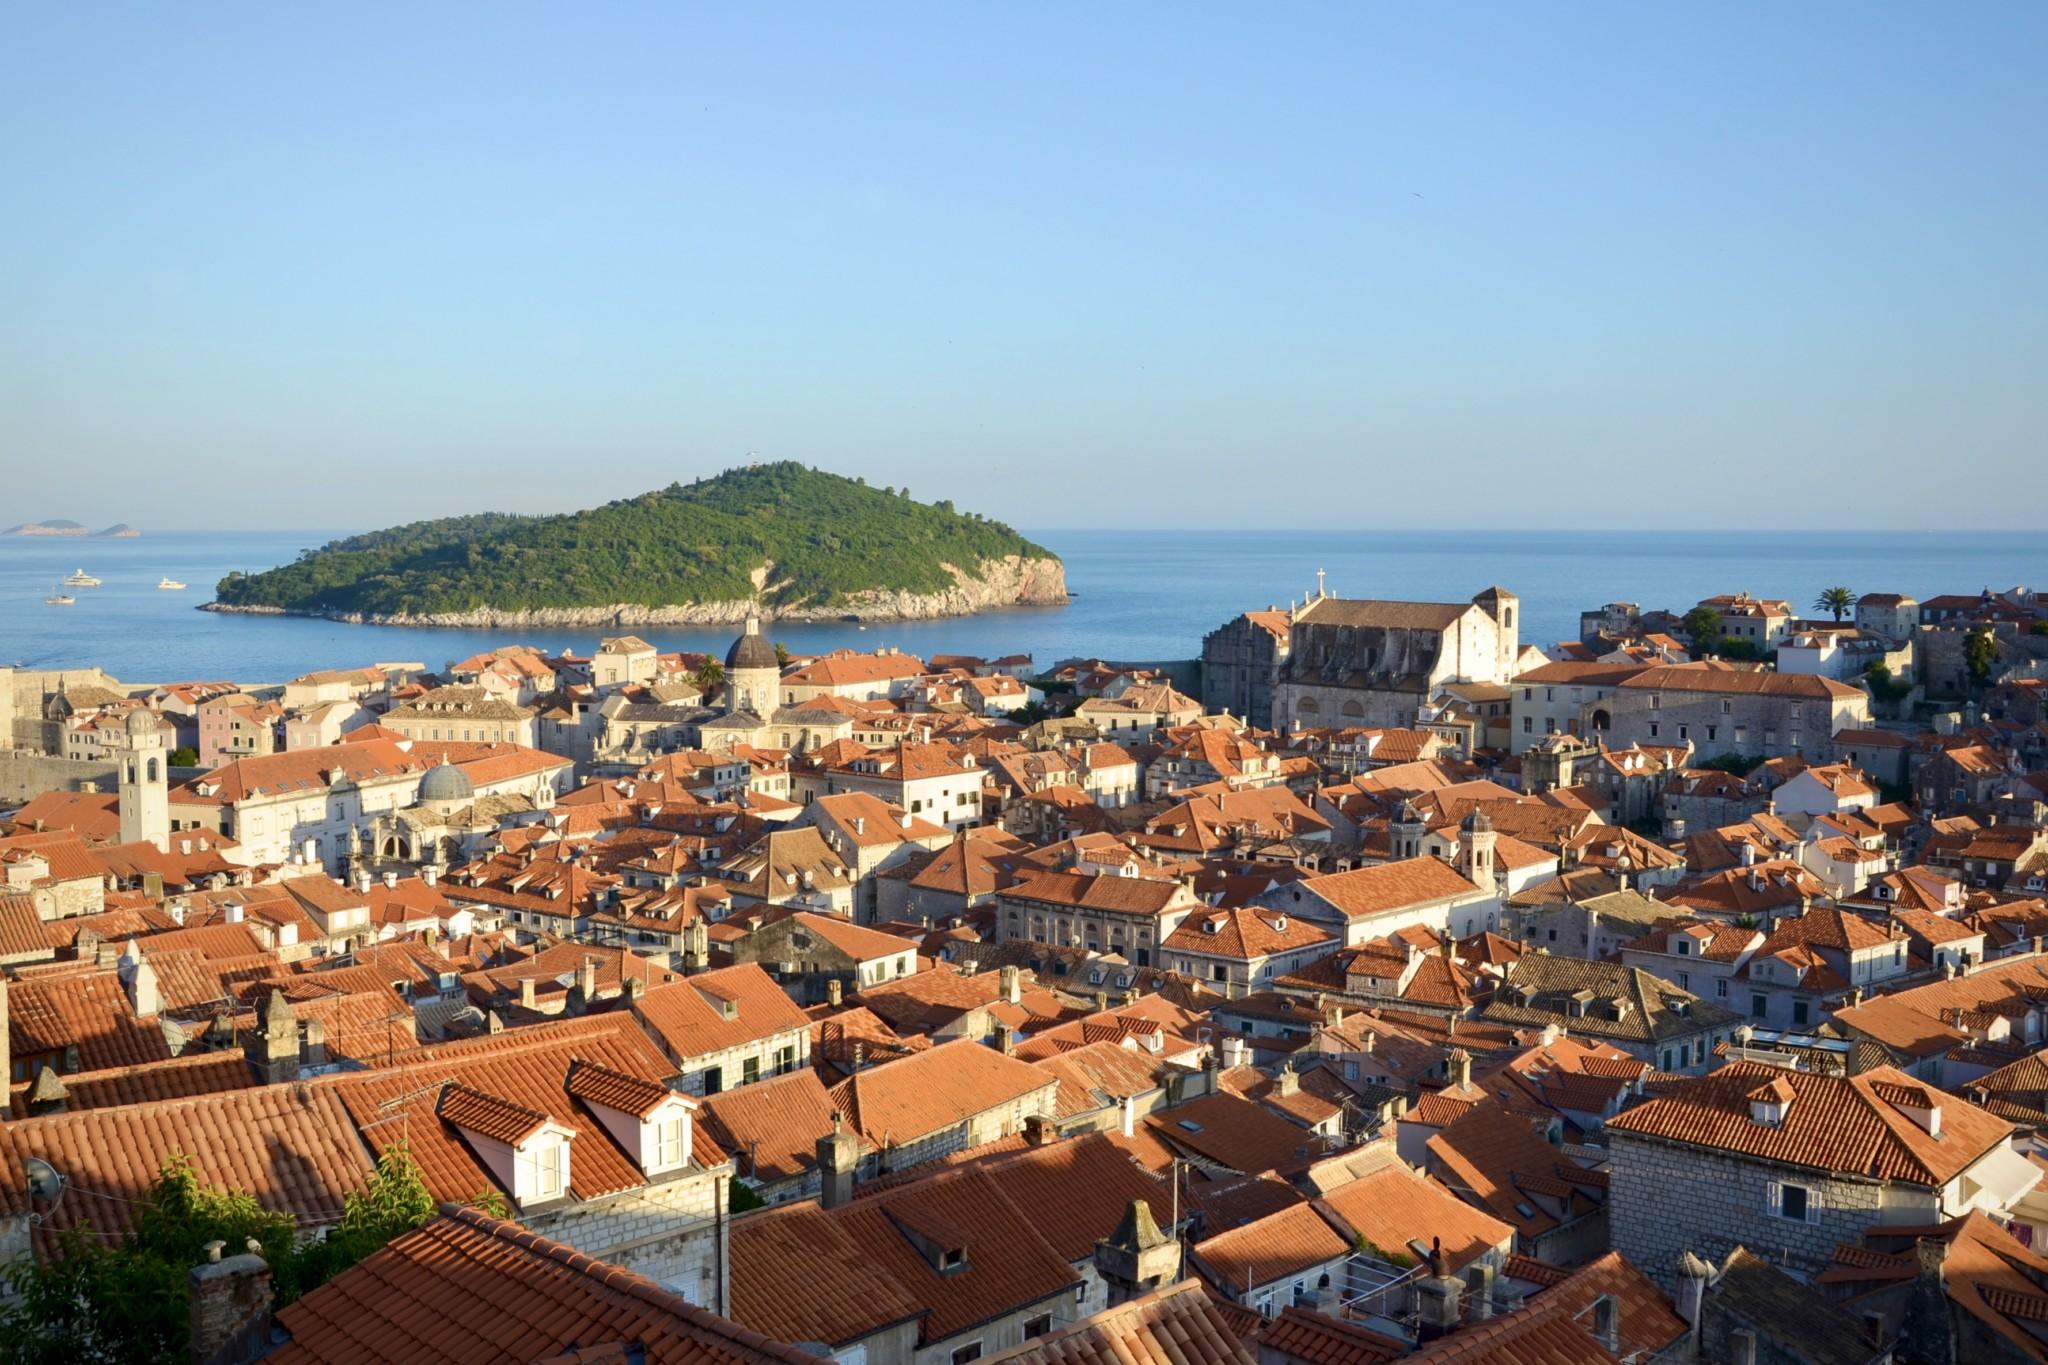 Aussicht auf Dubrovnik in Kroatien von oben